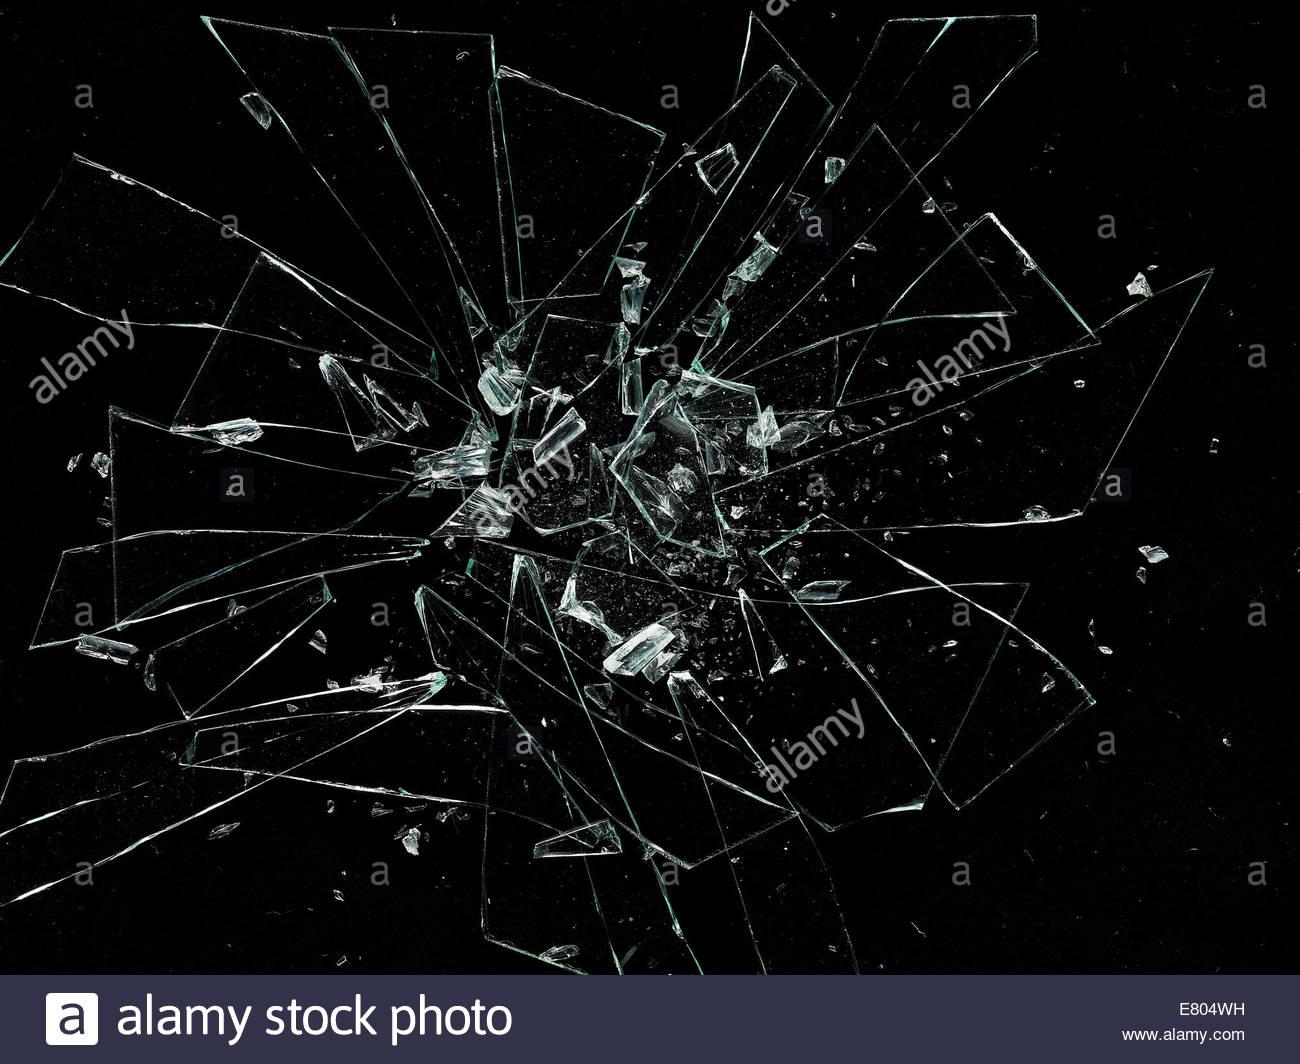 En éclats, fissurées et éclats de verre sur fond noir Photo Stock